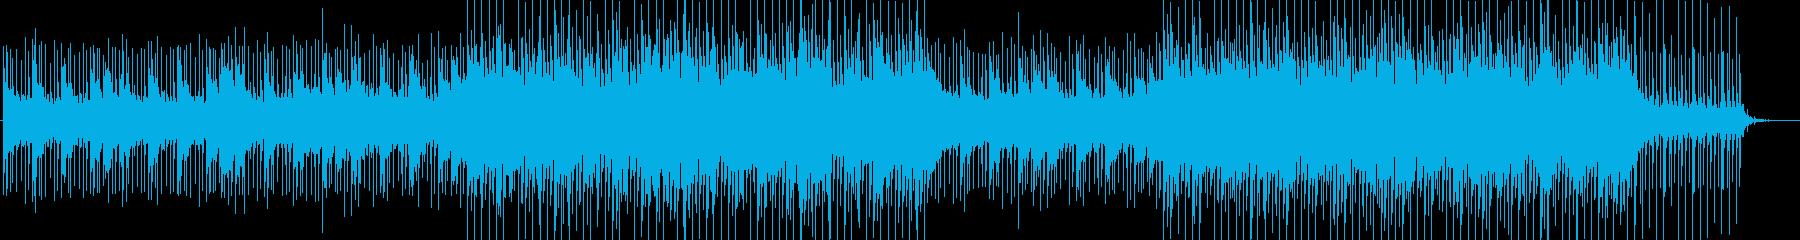 爽やかなイメージのアンビエントBGMの再生済みの波形